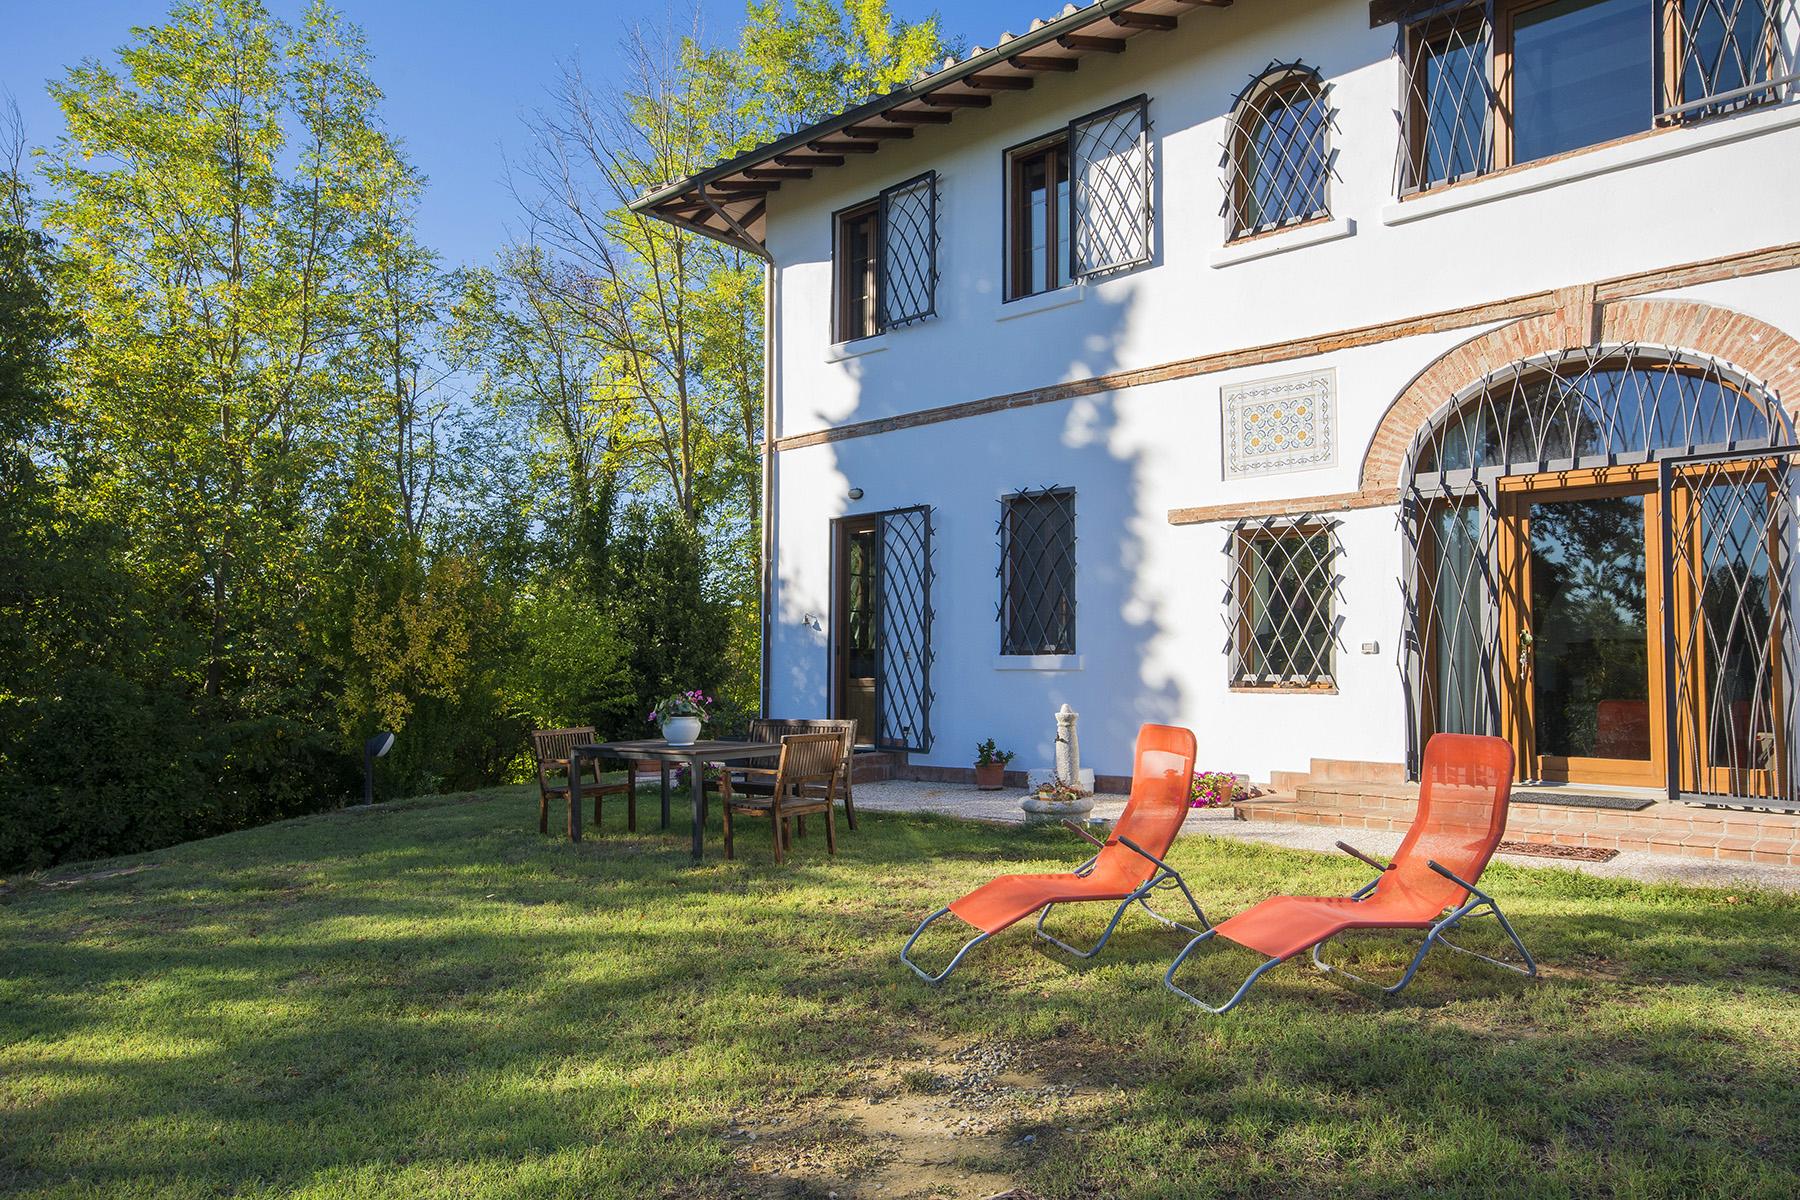 Villa in Vendita a San Miniato: 5 locali, 500 mq - Foto 4